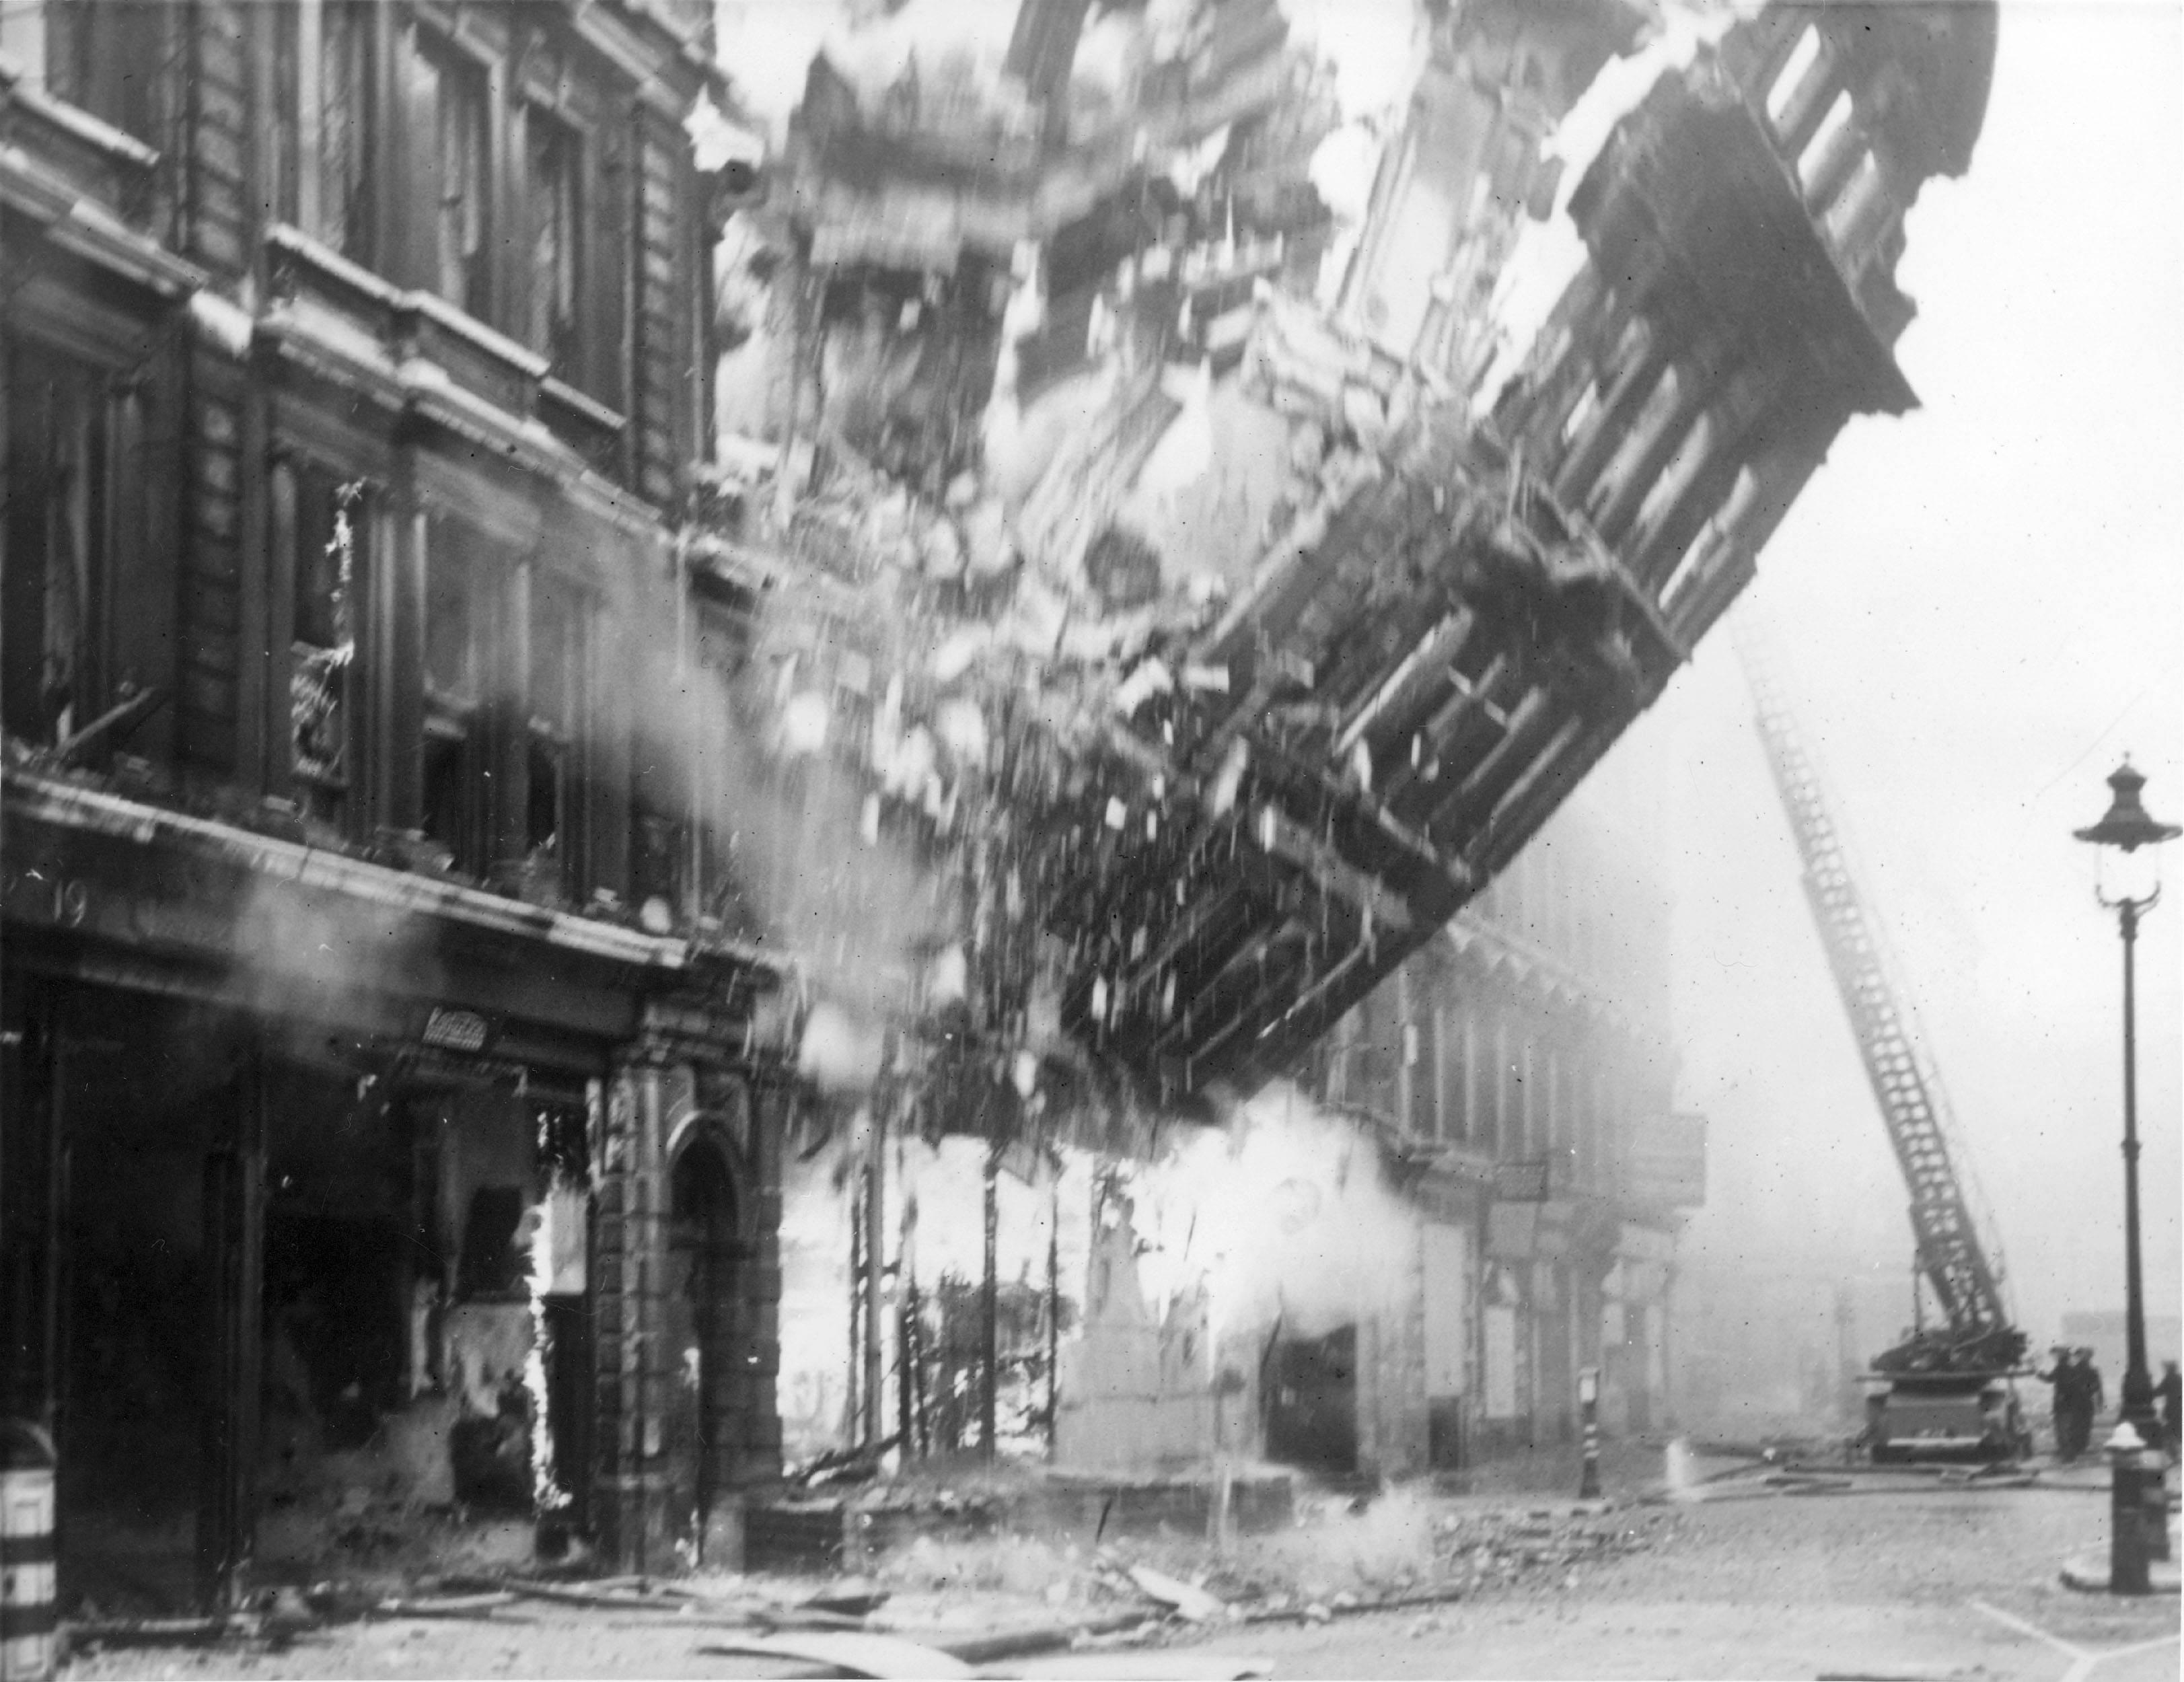 myst re 42 immeuble qui s effondre londres pendant la deuxi me guerre mondiale. Black Bedroom Furniture Sets. Home Design Ideas